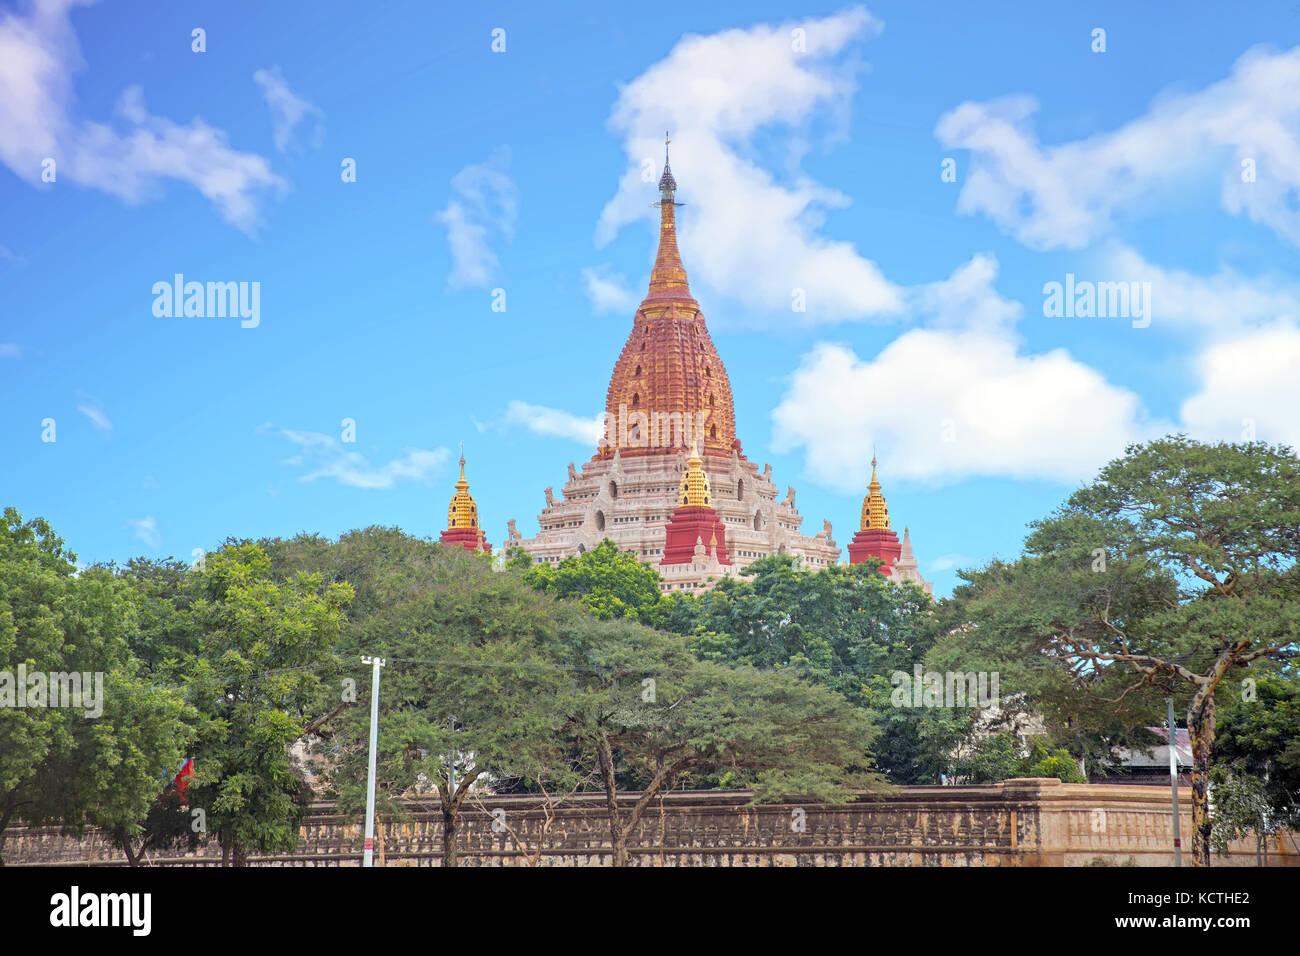 Ananda temple in Bagan, Myanmar. - Stock Image